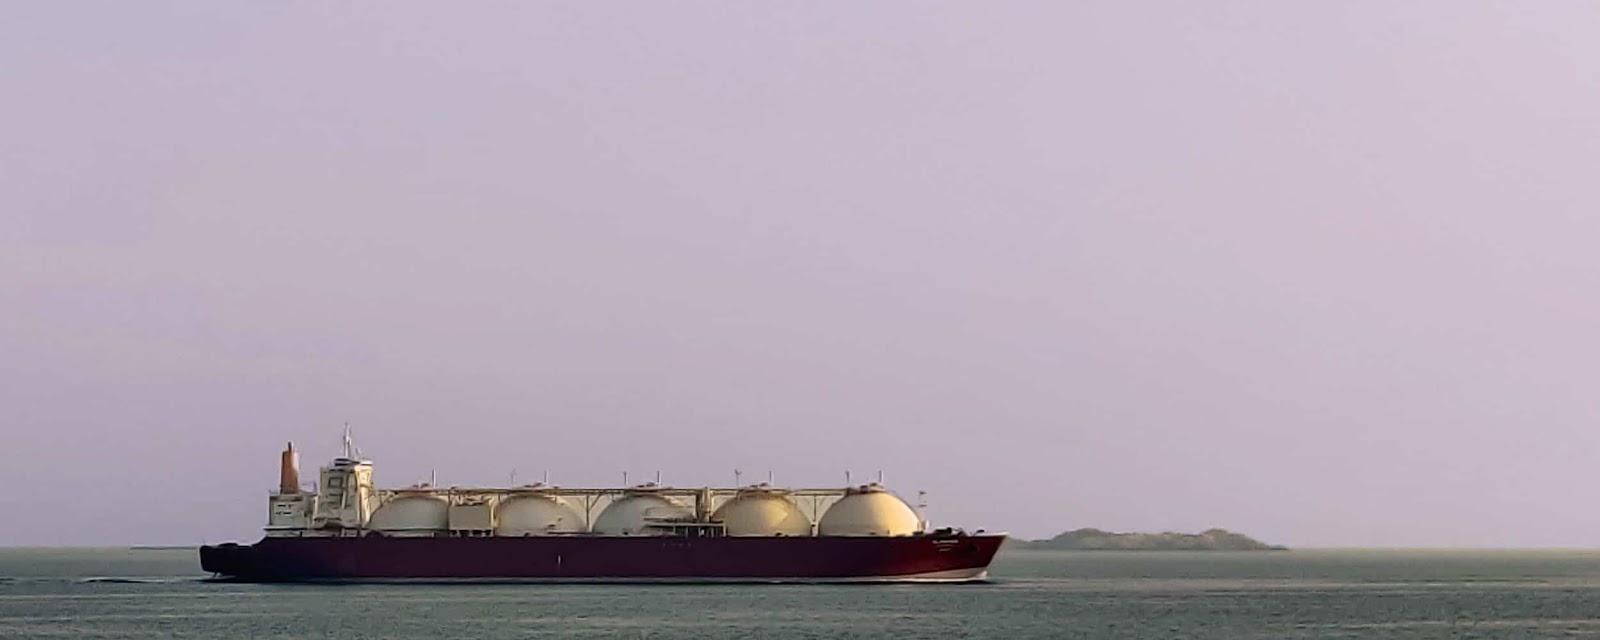 سفن الغاز الطبيعي المسال،LNG vessel